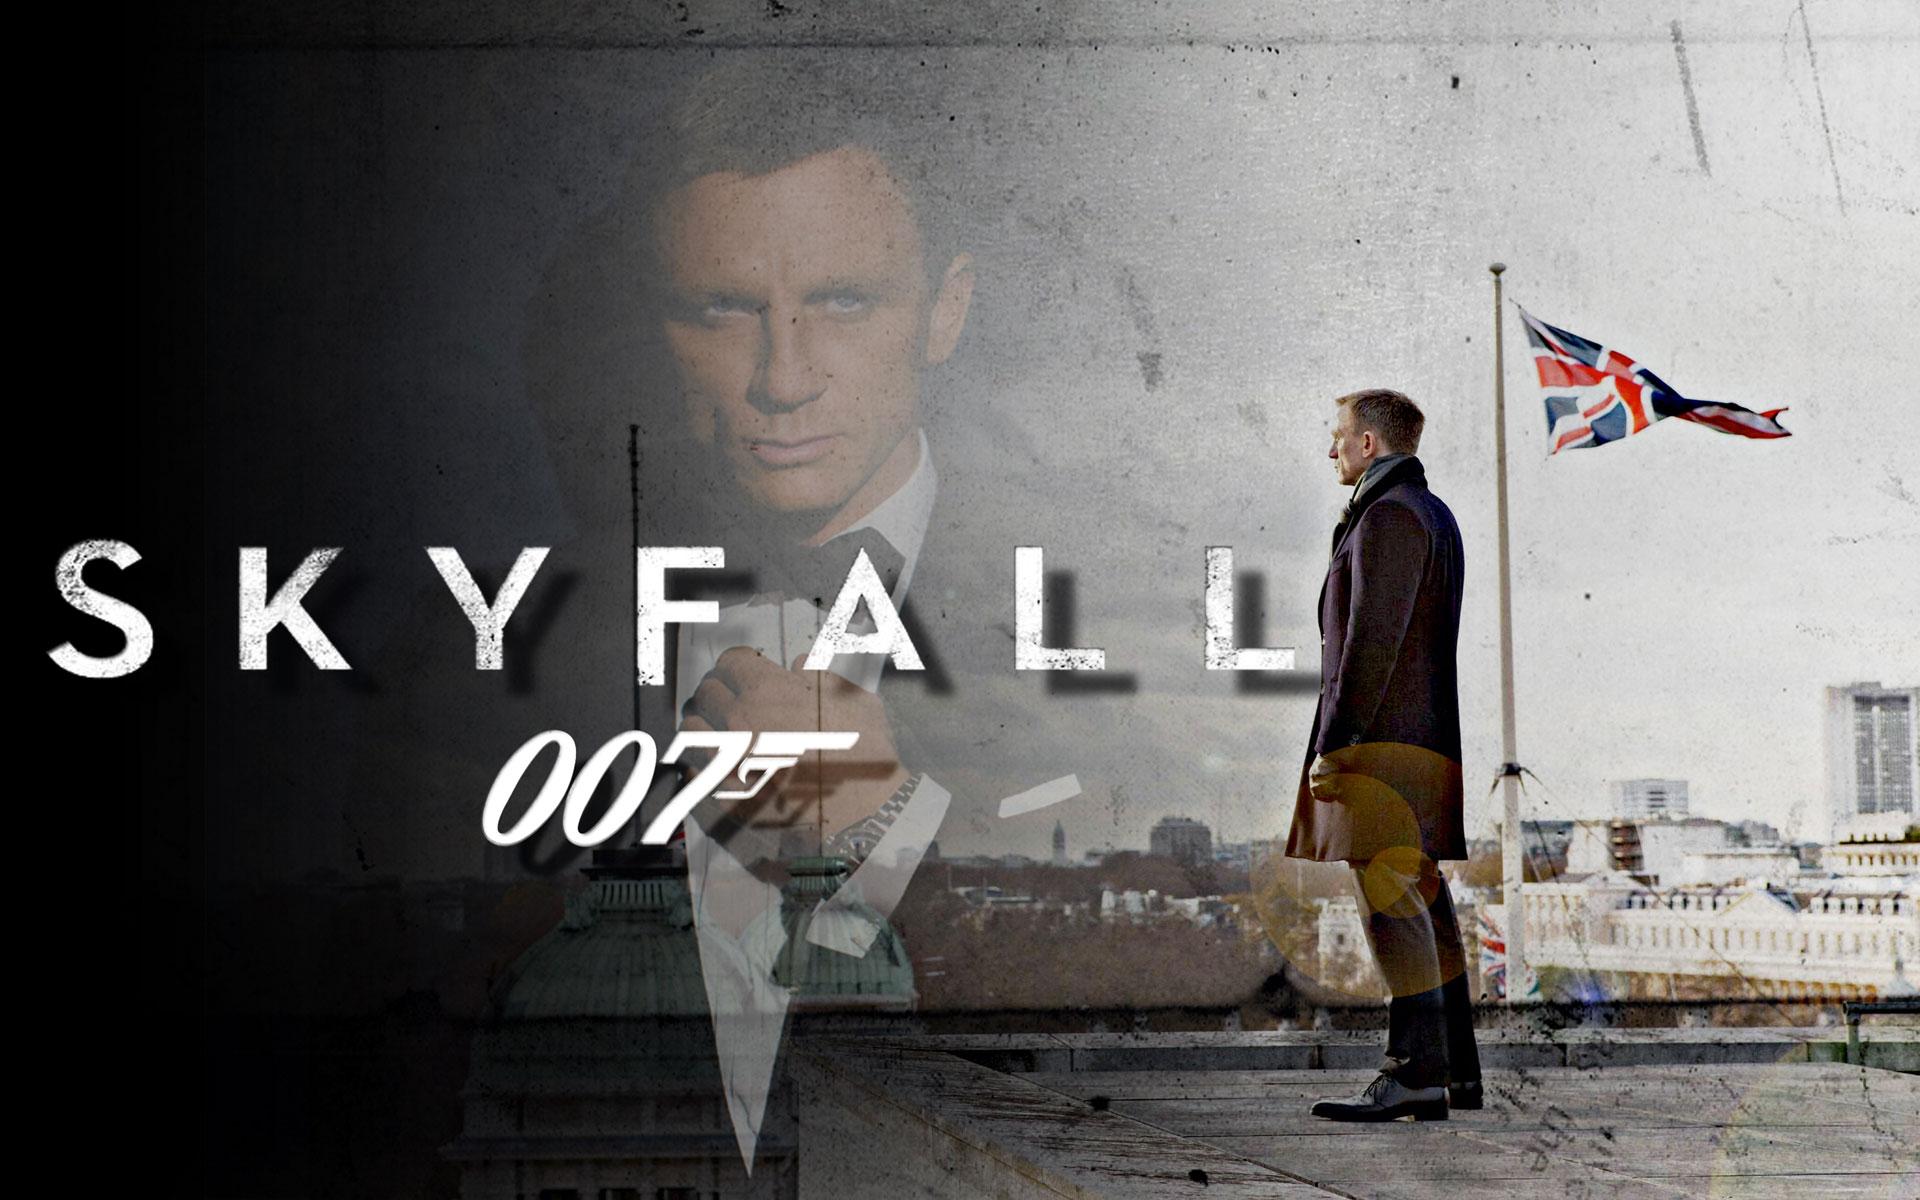 007 skyfall fonds d - photo #5